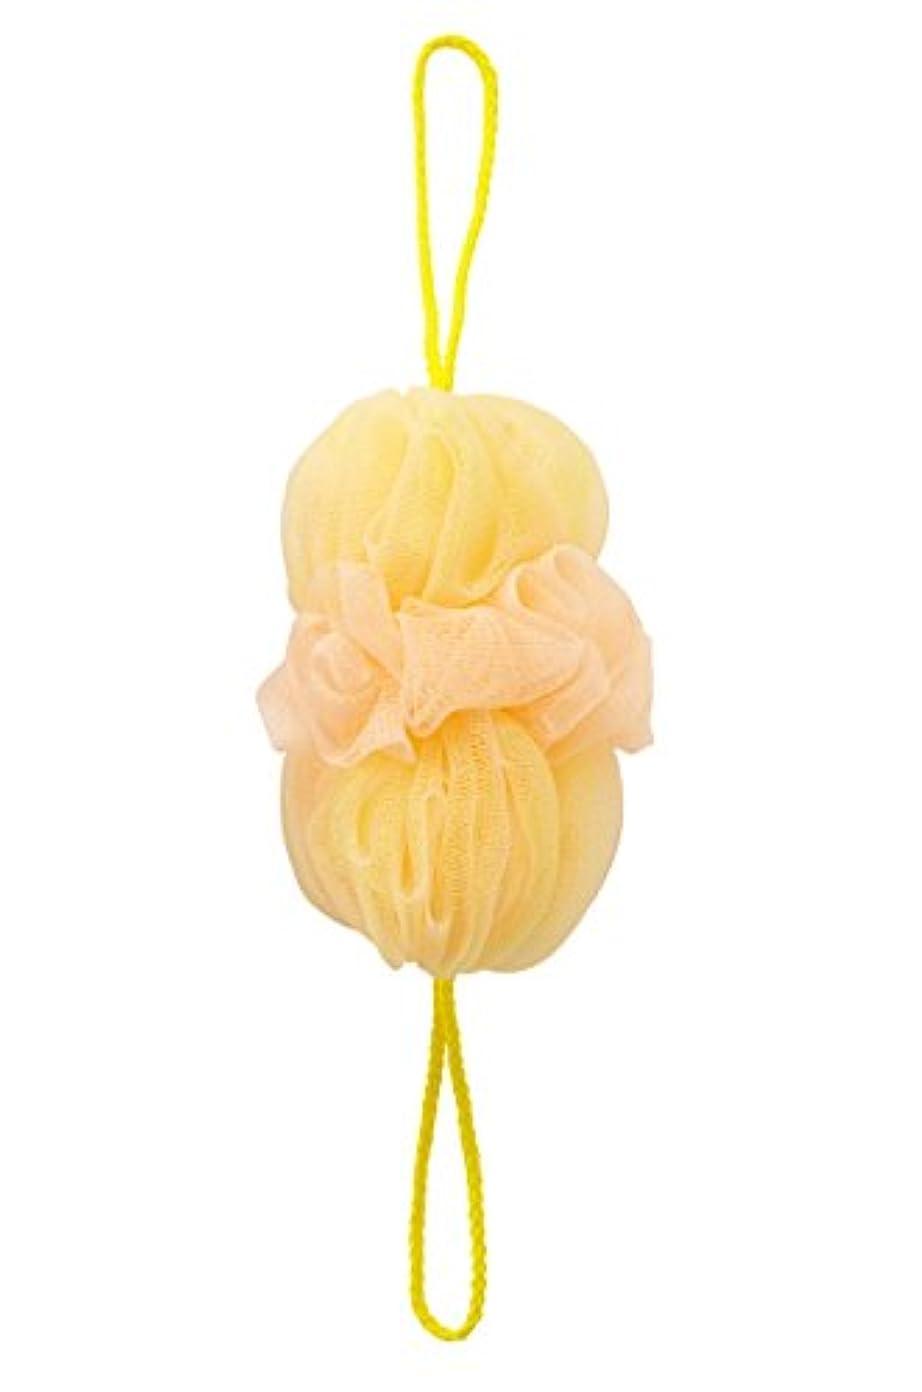 意志怠参照するマーナ(MARNA) 泡工場 背中も洗えるシャボンボール イエロー